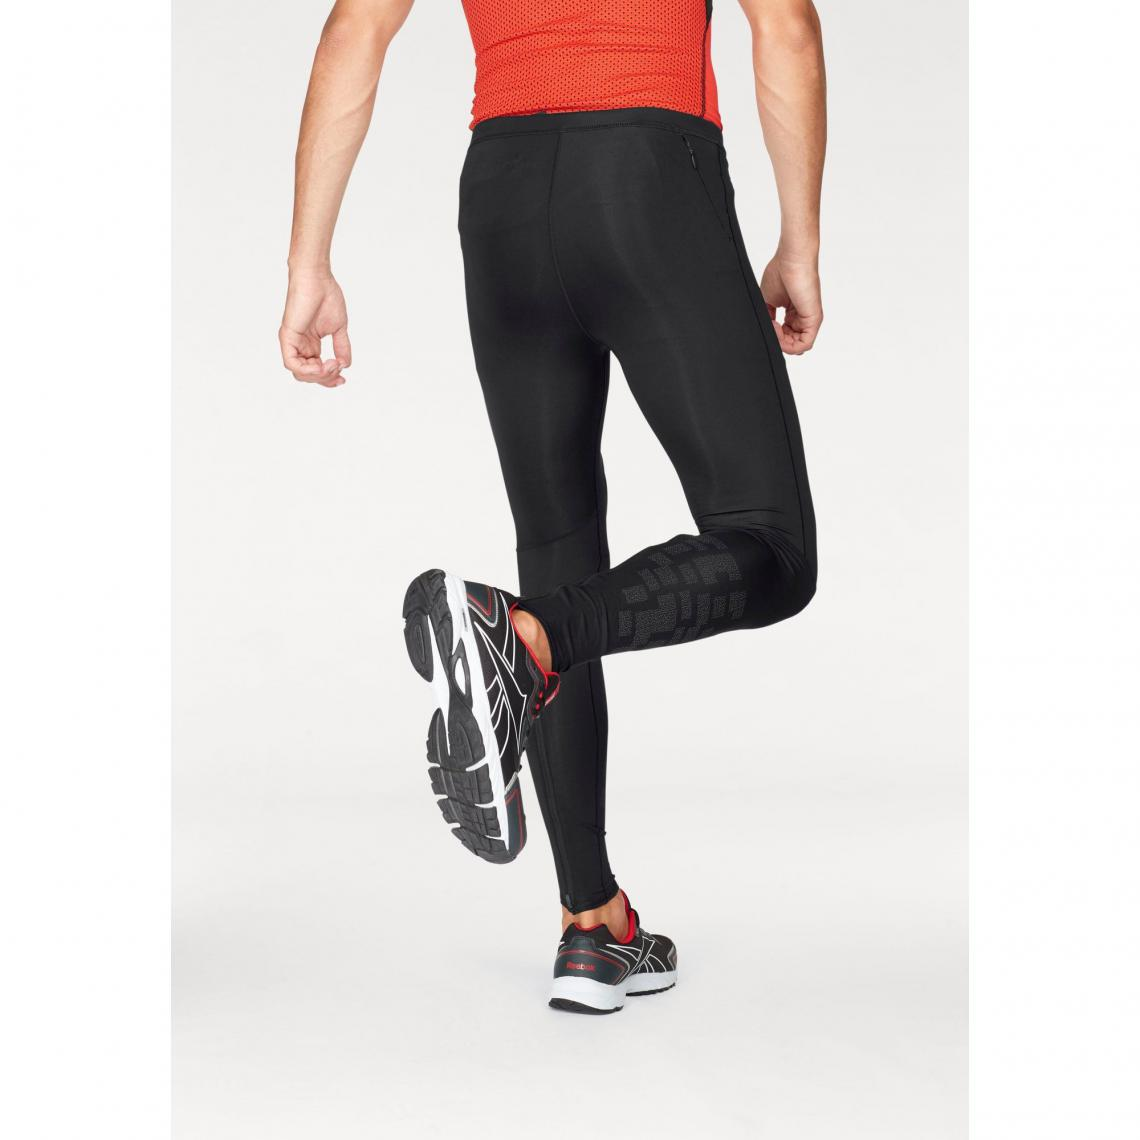 Legging de sport poche zippée homme Supernova Long Tight Men adidas Performance Noir Plus de détails